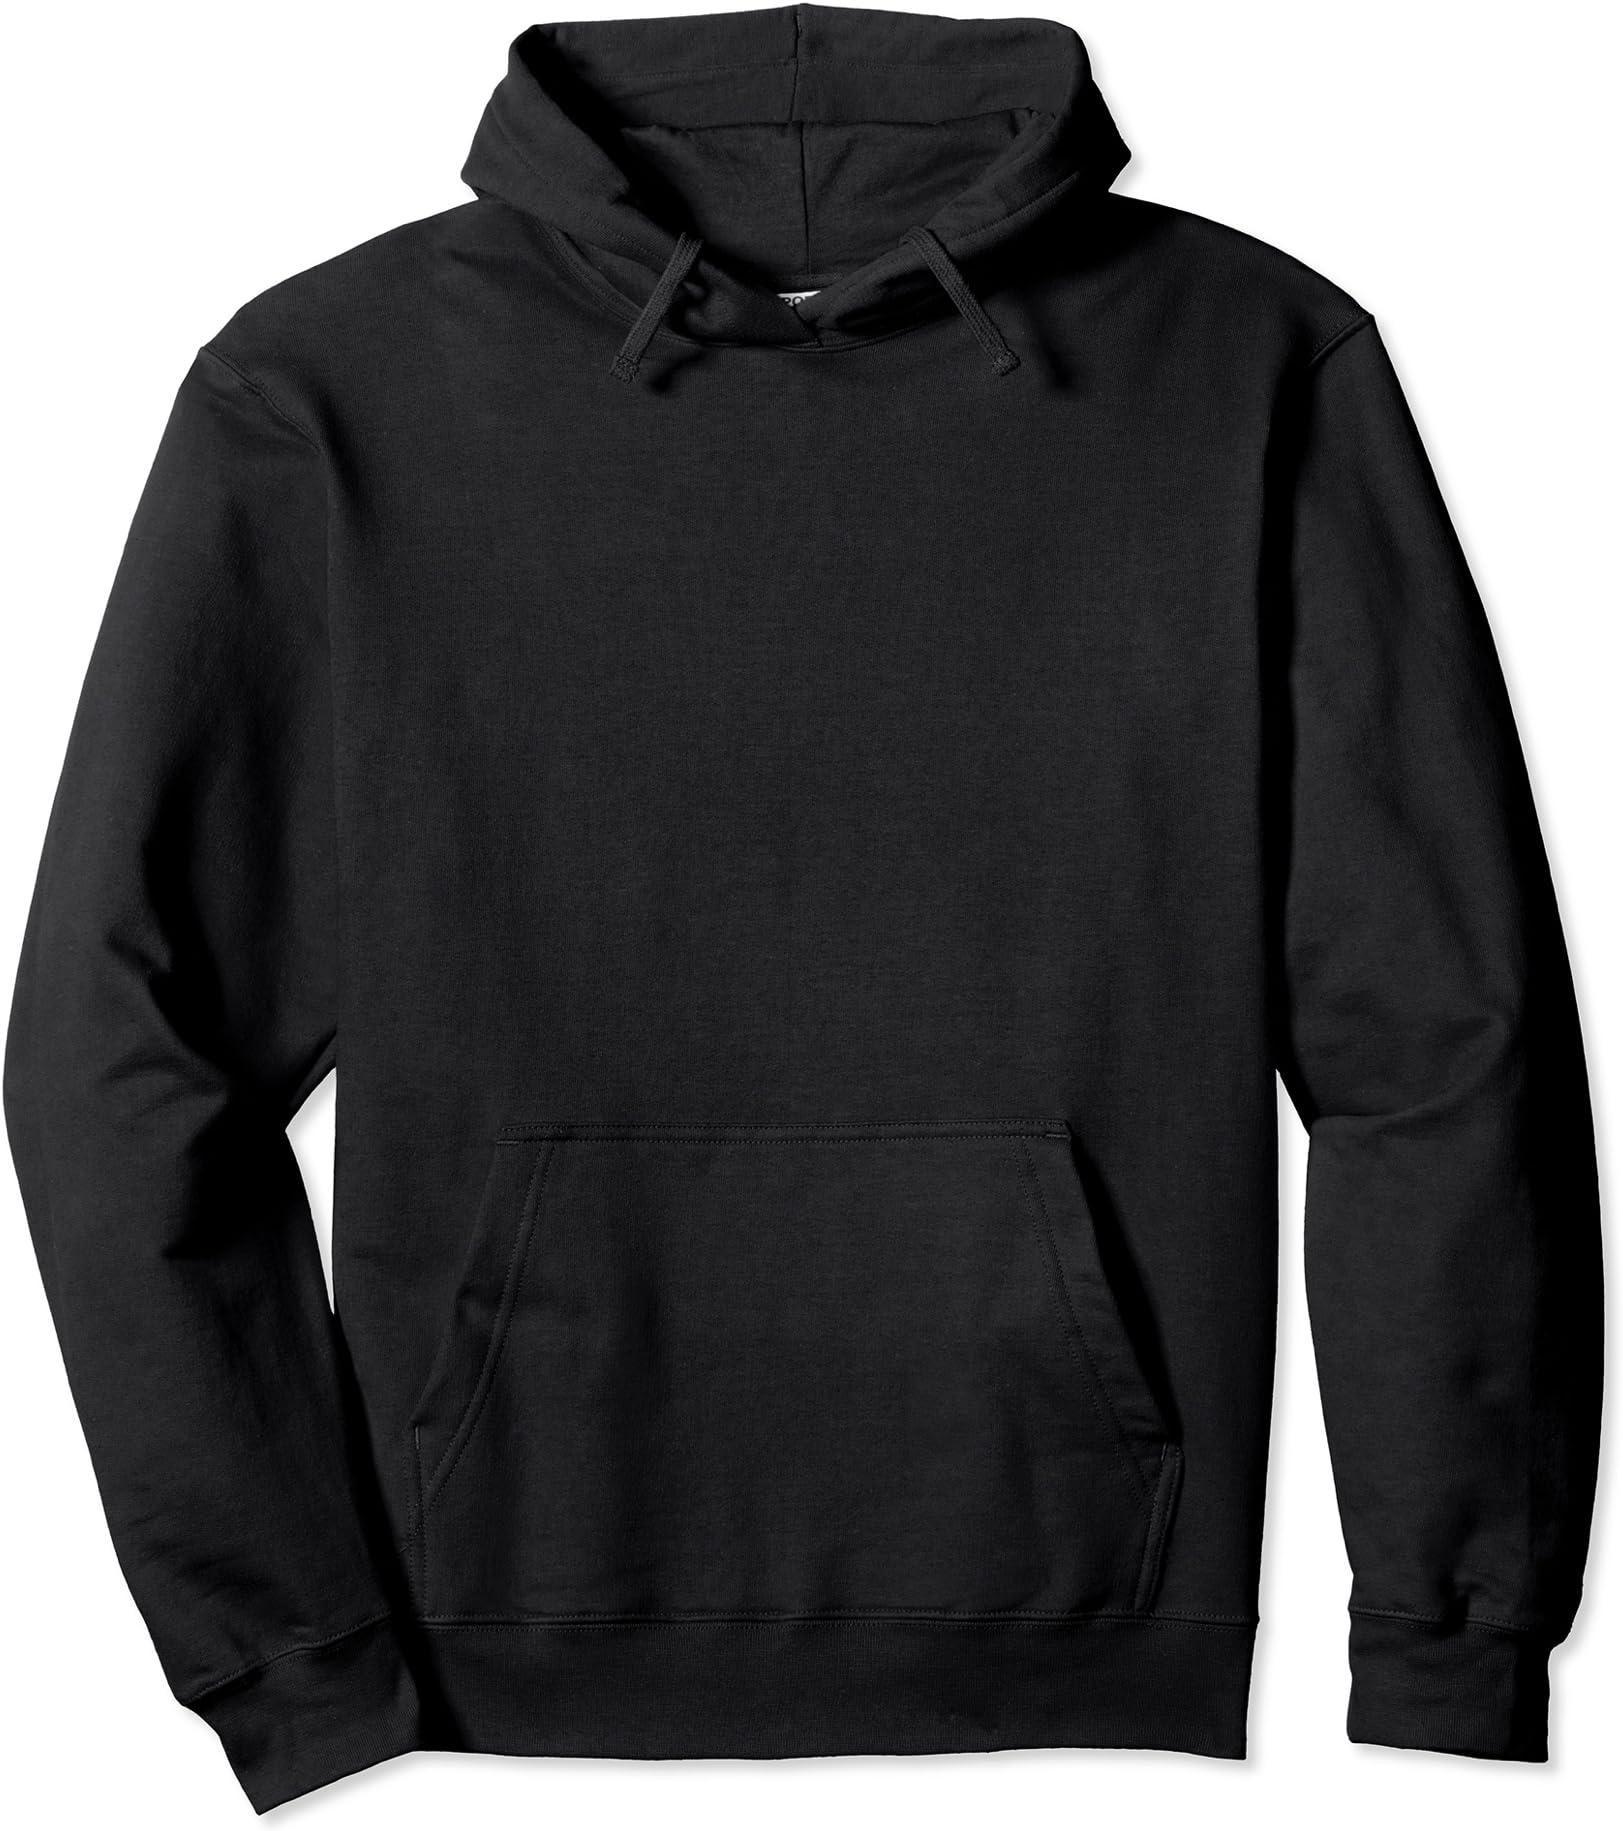 Mens Deus Vult Knights Templar Cross Hooded Fleece Sweatshirt